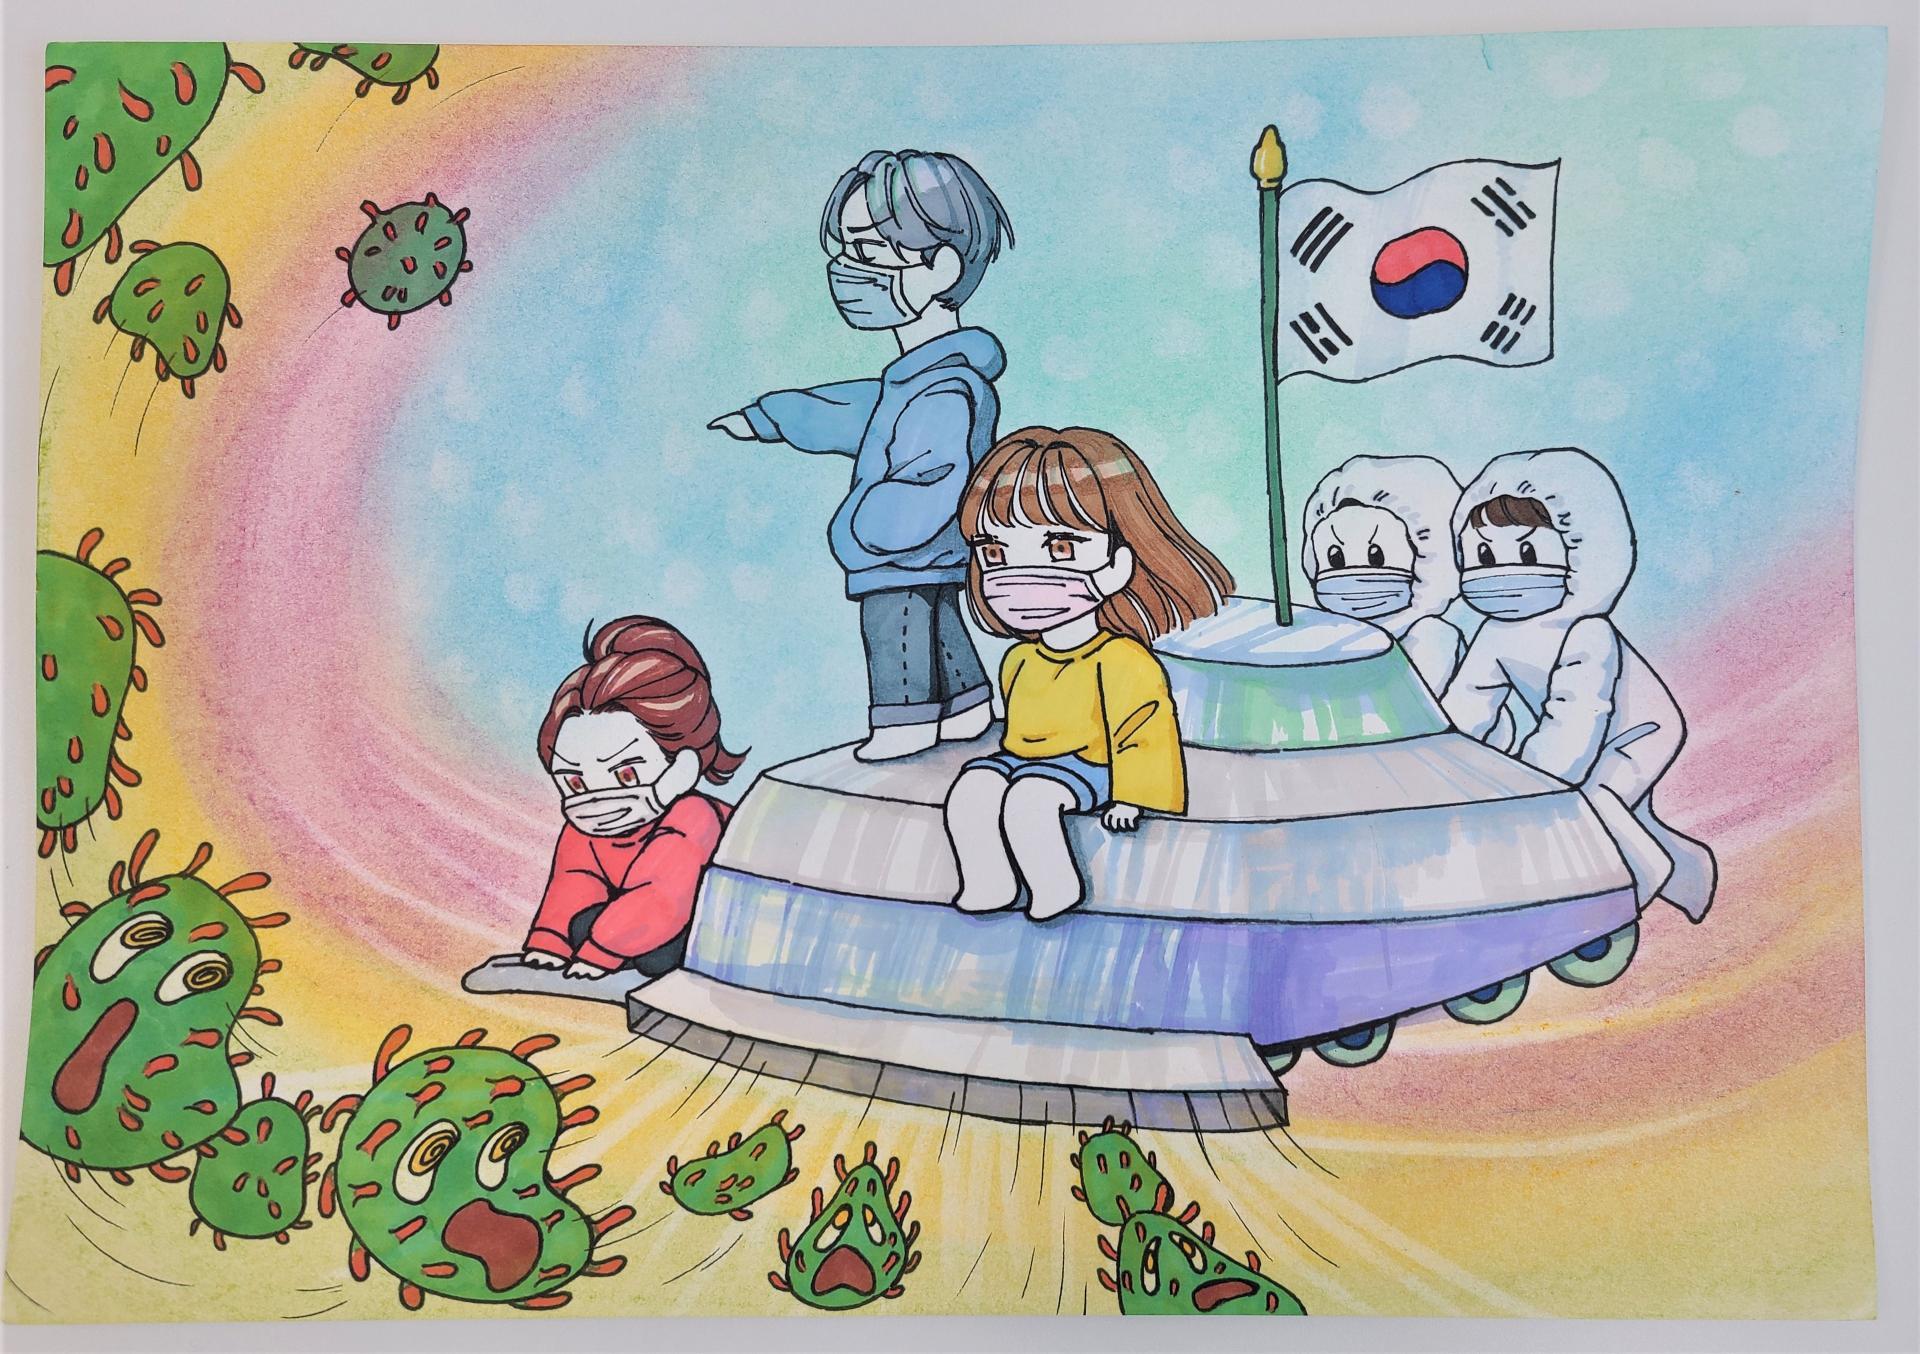 작품명 - 코로나 퇴출 일등 대한민국